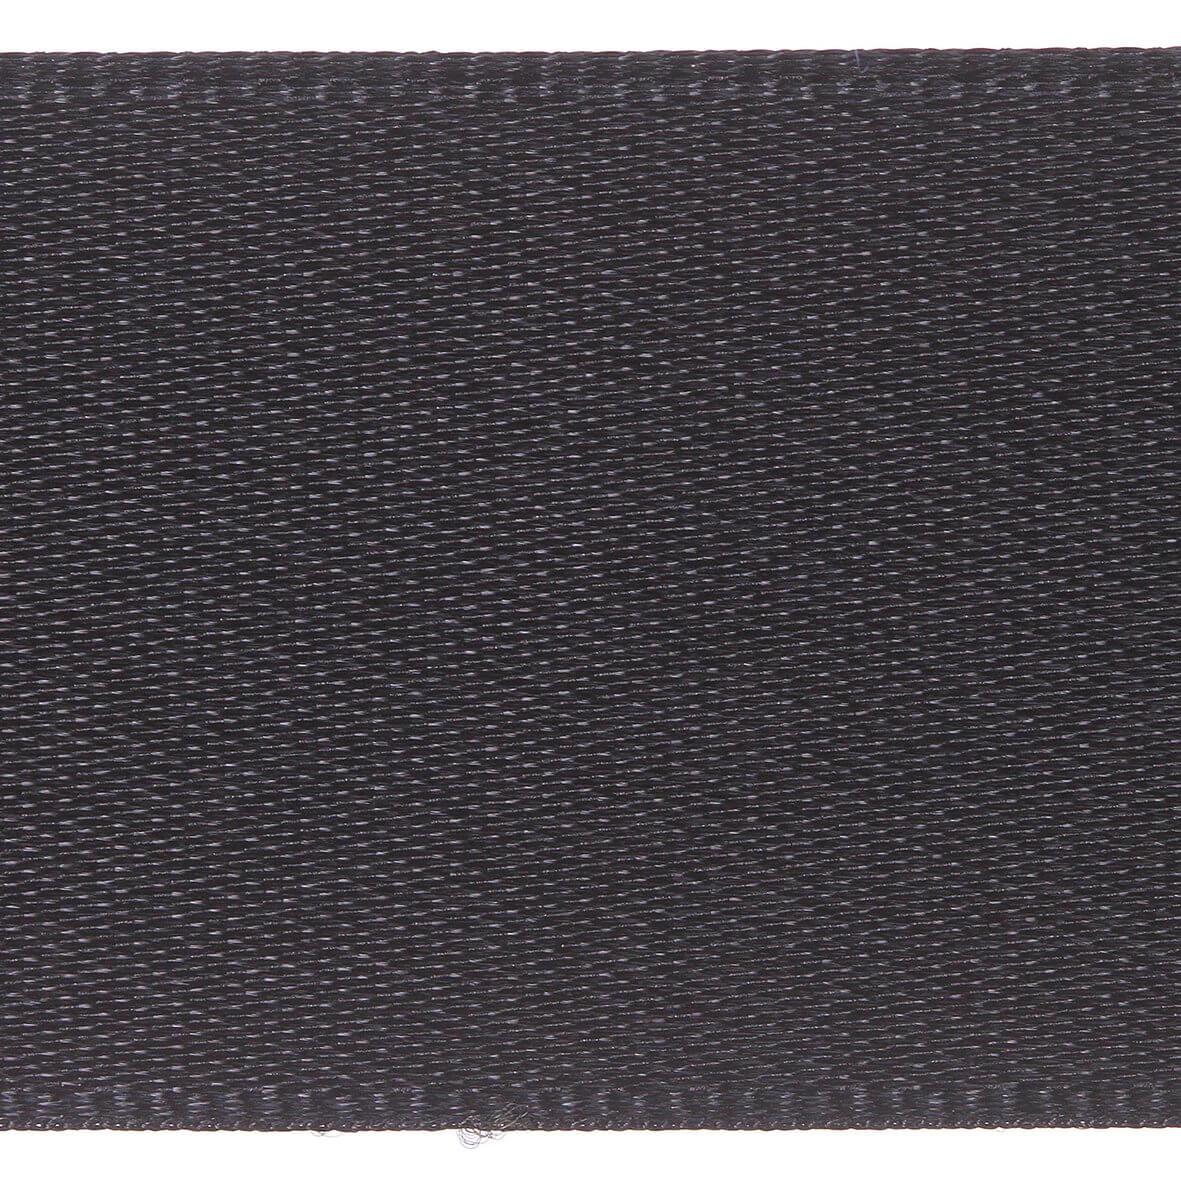 25mm Berisfords Satin Ribbon - Black Colour 10